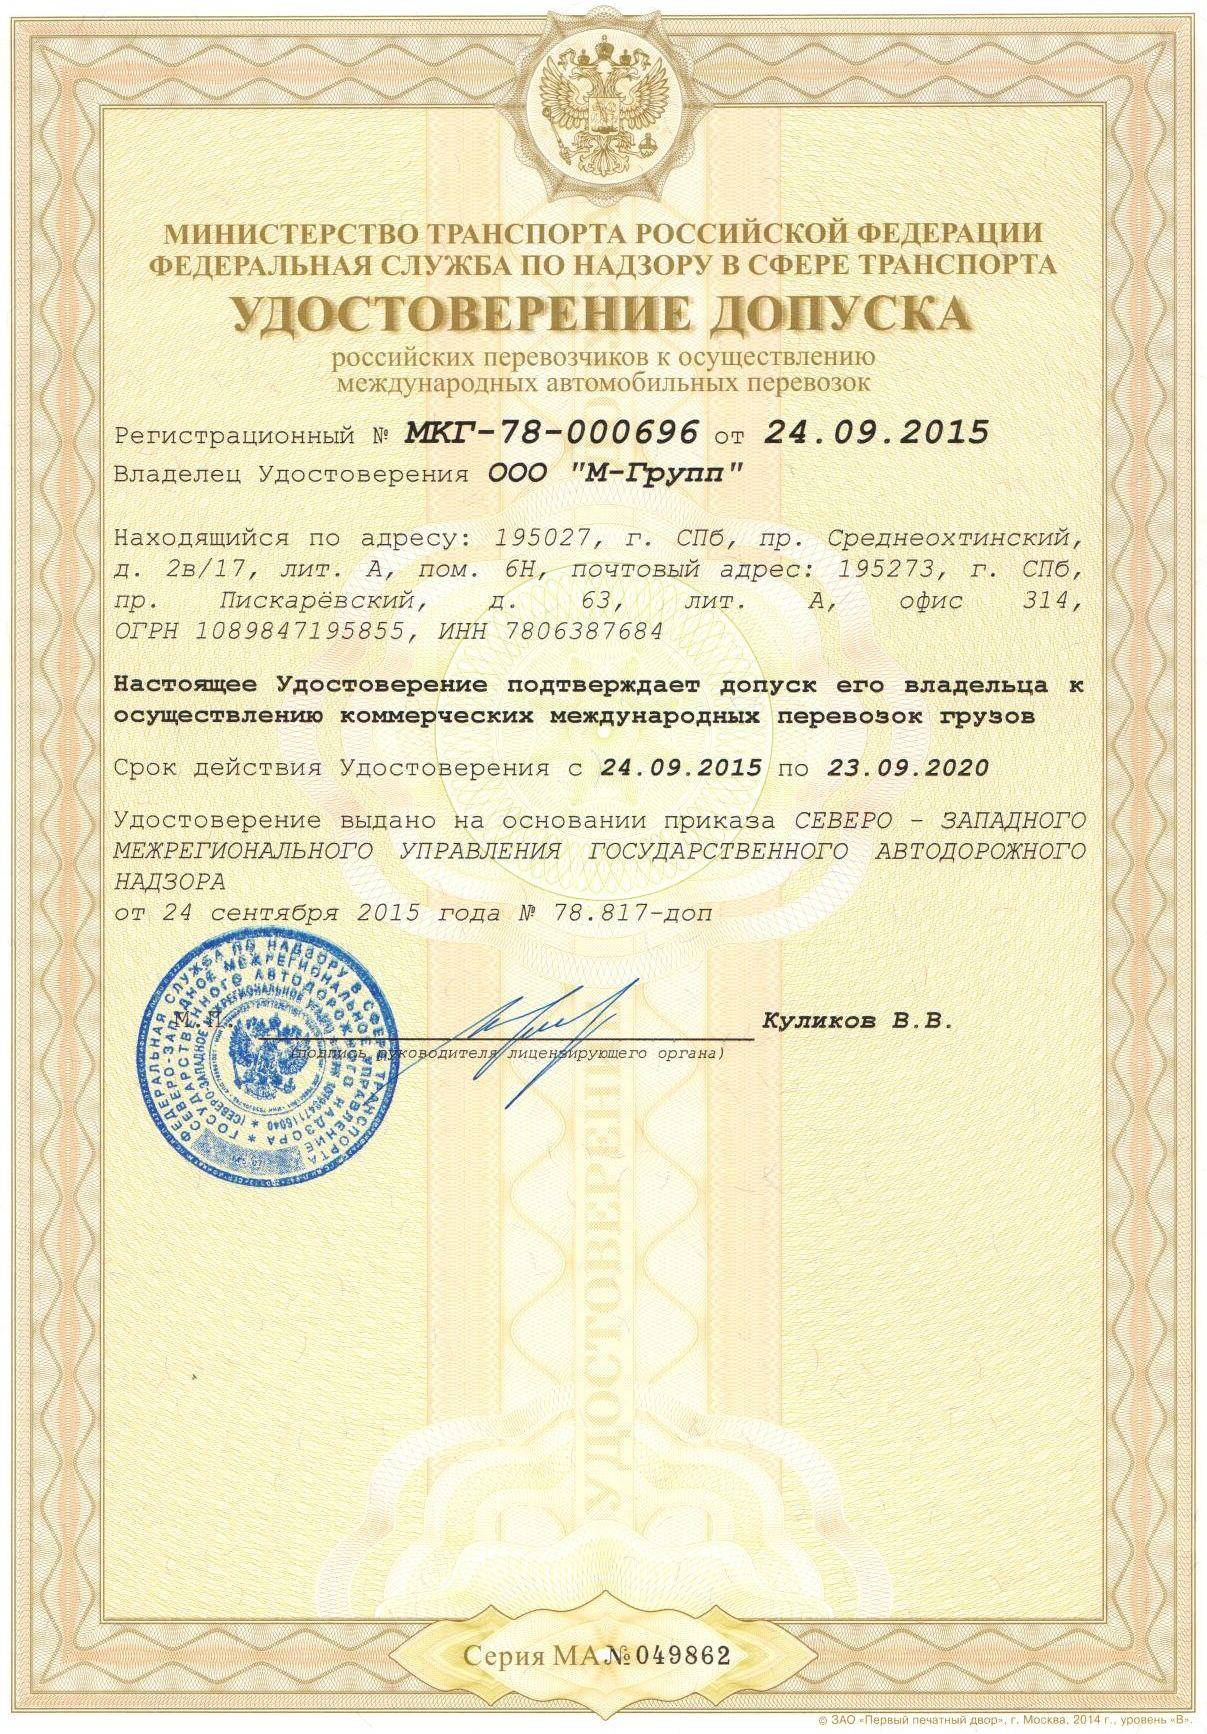 Удостоверение допуска к осуществлению международных автомобильных перевозок